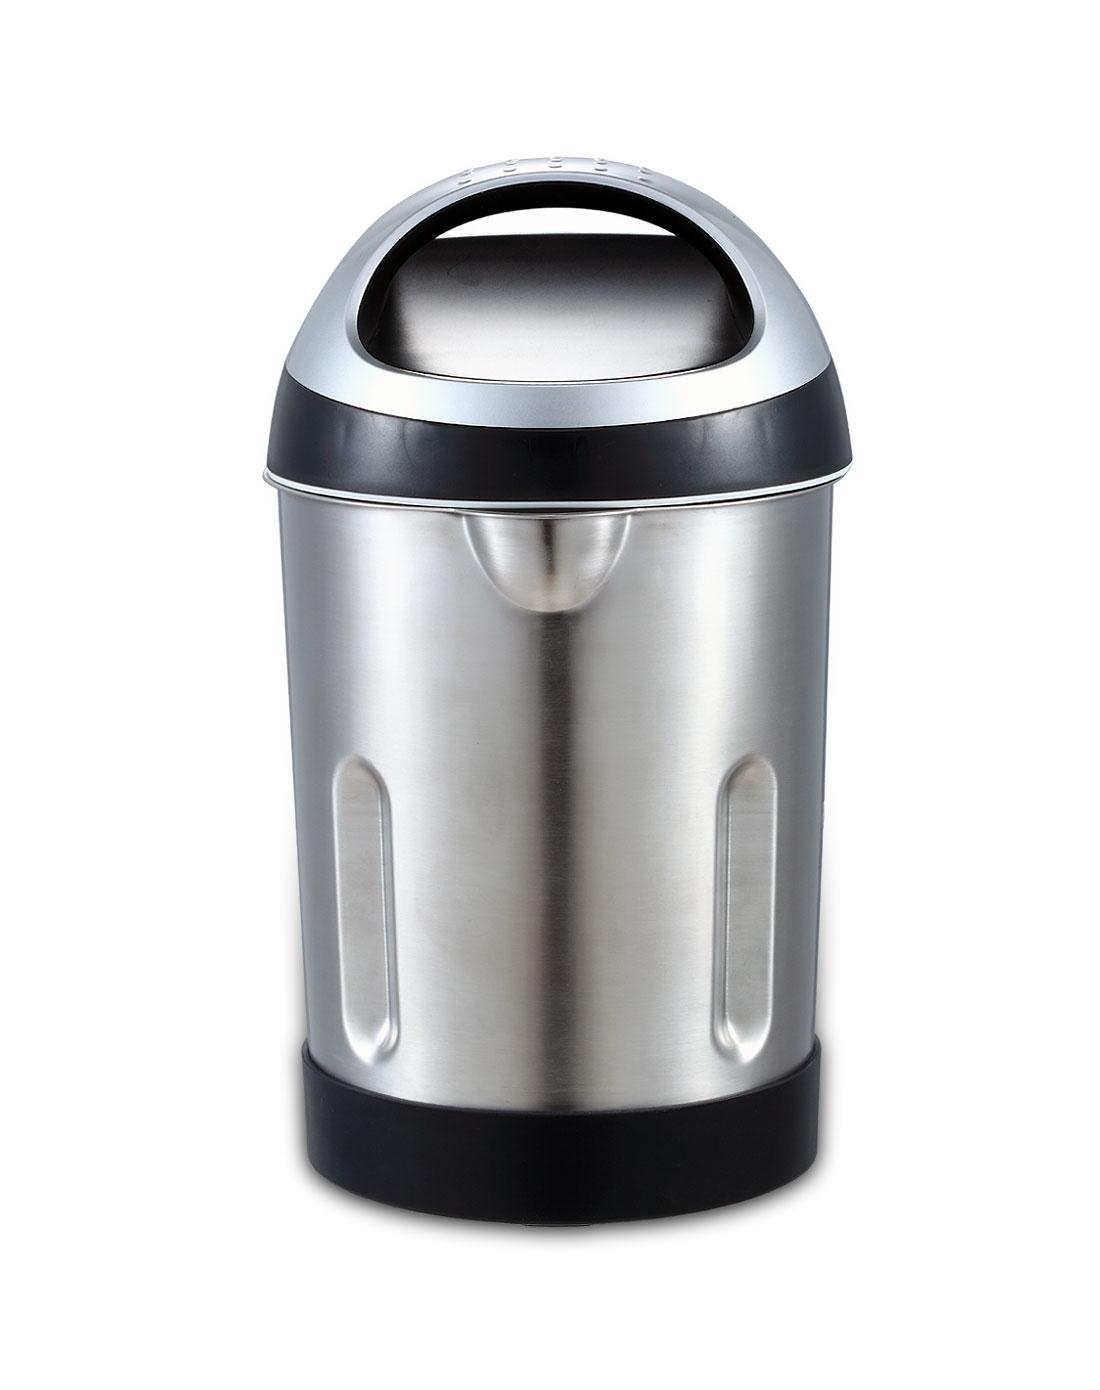 欧科ouke不锈钢豆浆机底盘加热1